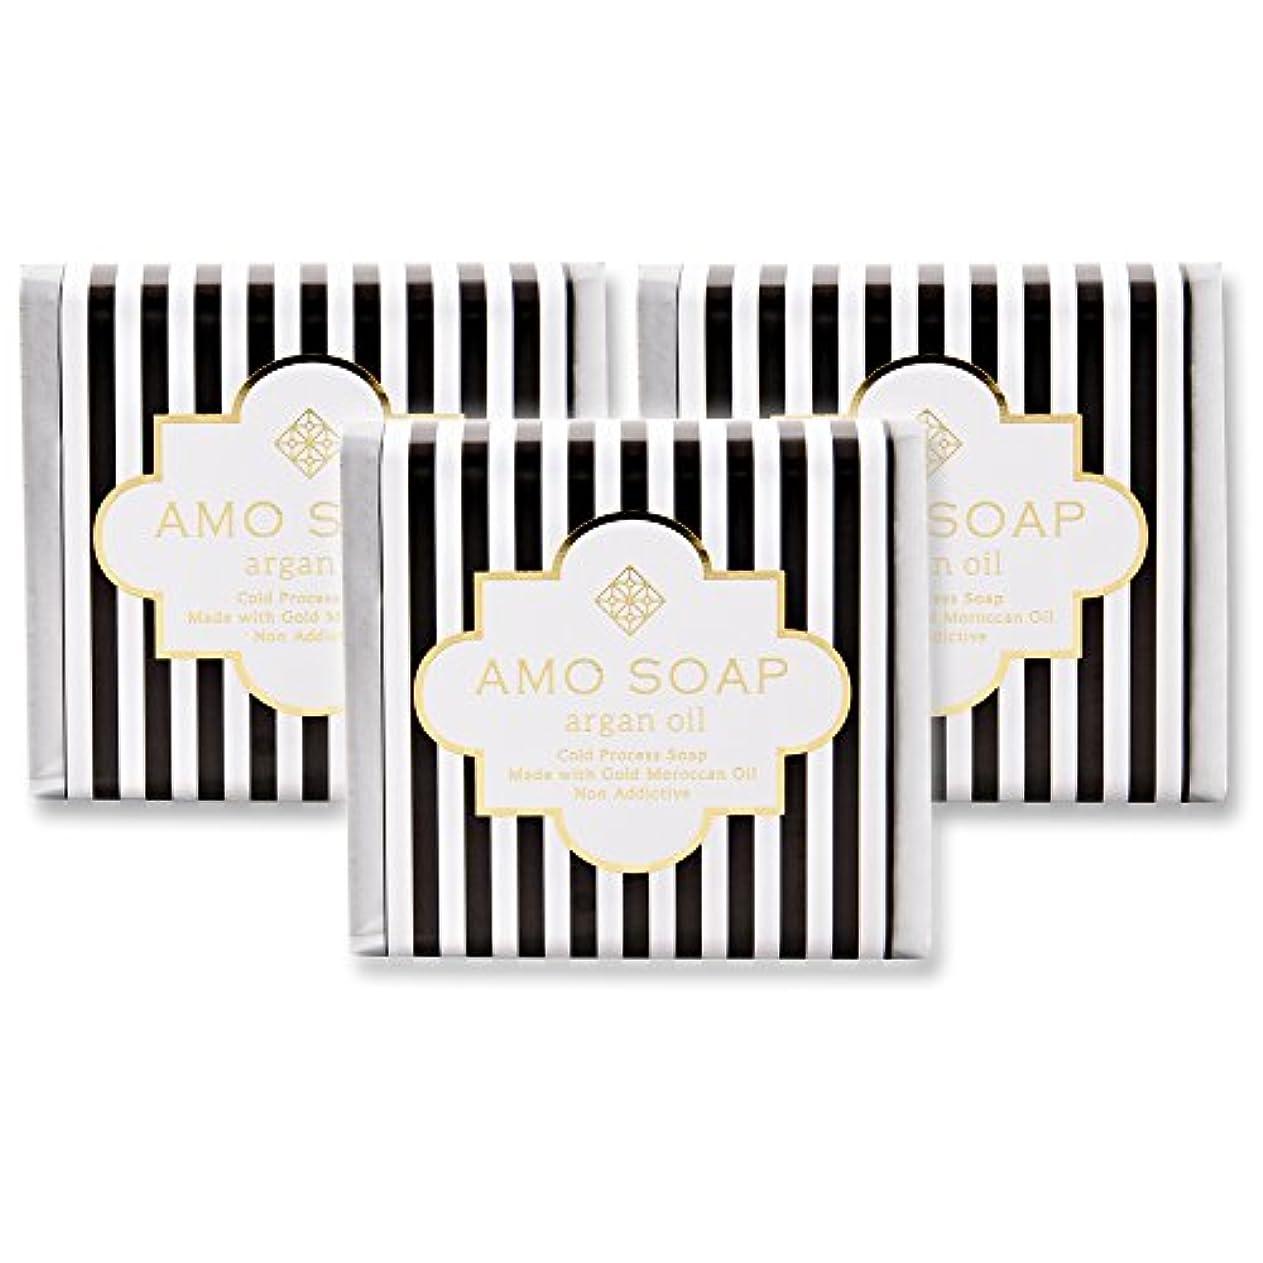 国民投票レーザ普通にAMO SOAP(アモソープ) 洗顔せっけんアルガンオイル配合 3個 コールドプロセス製法 日本製 エイジングケア オリーブオイル シアバター